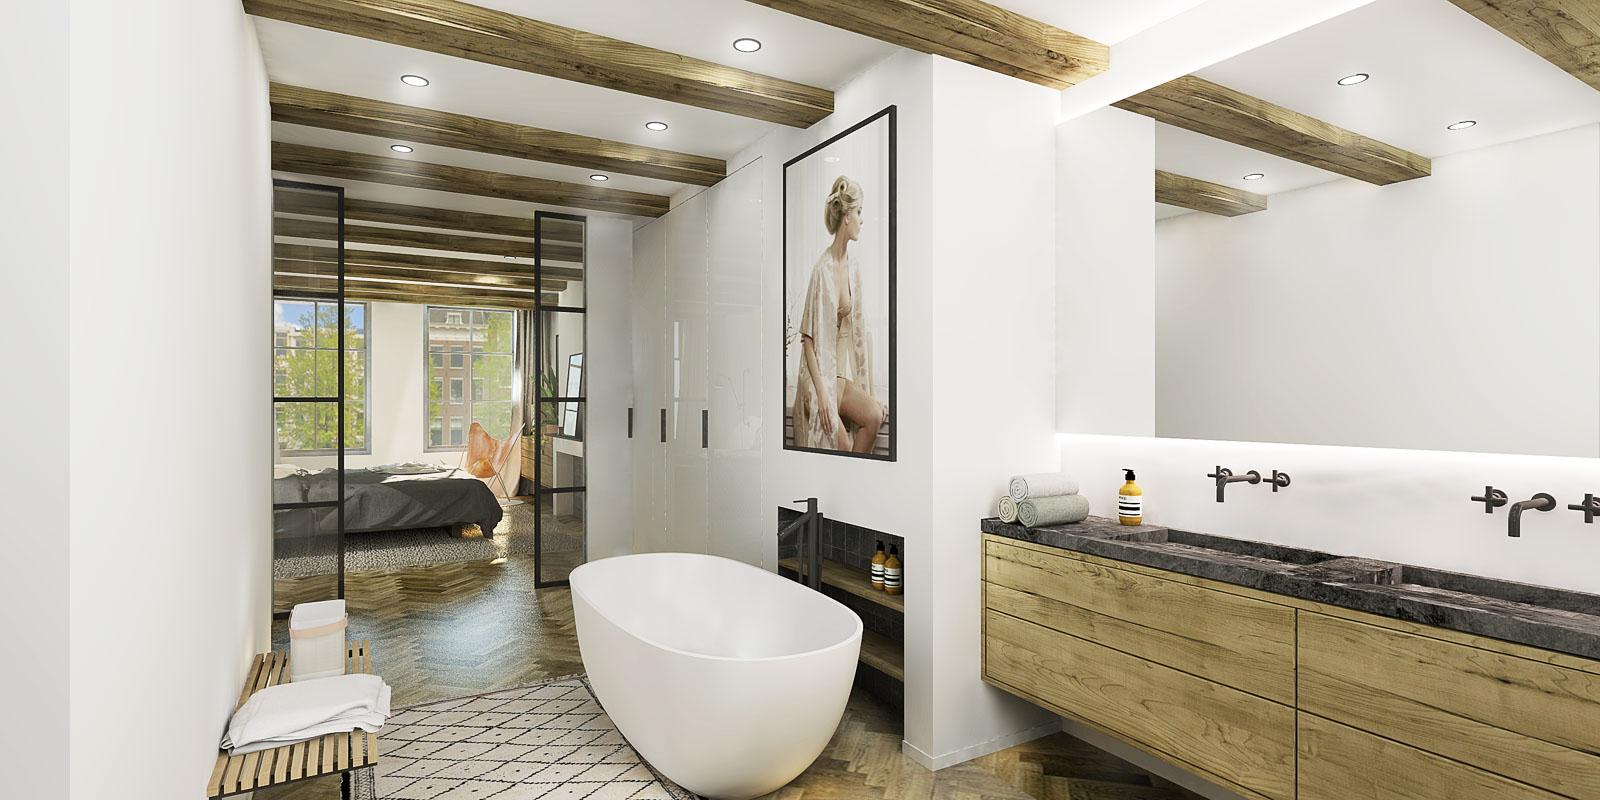 Global style slaapkamer badkamer combinatie